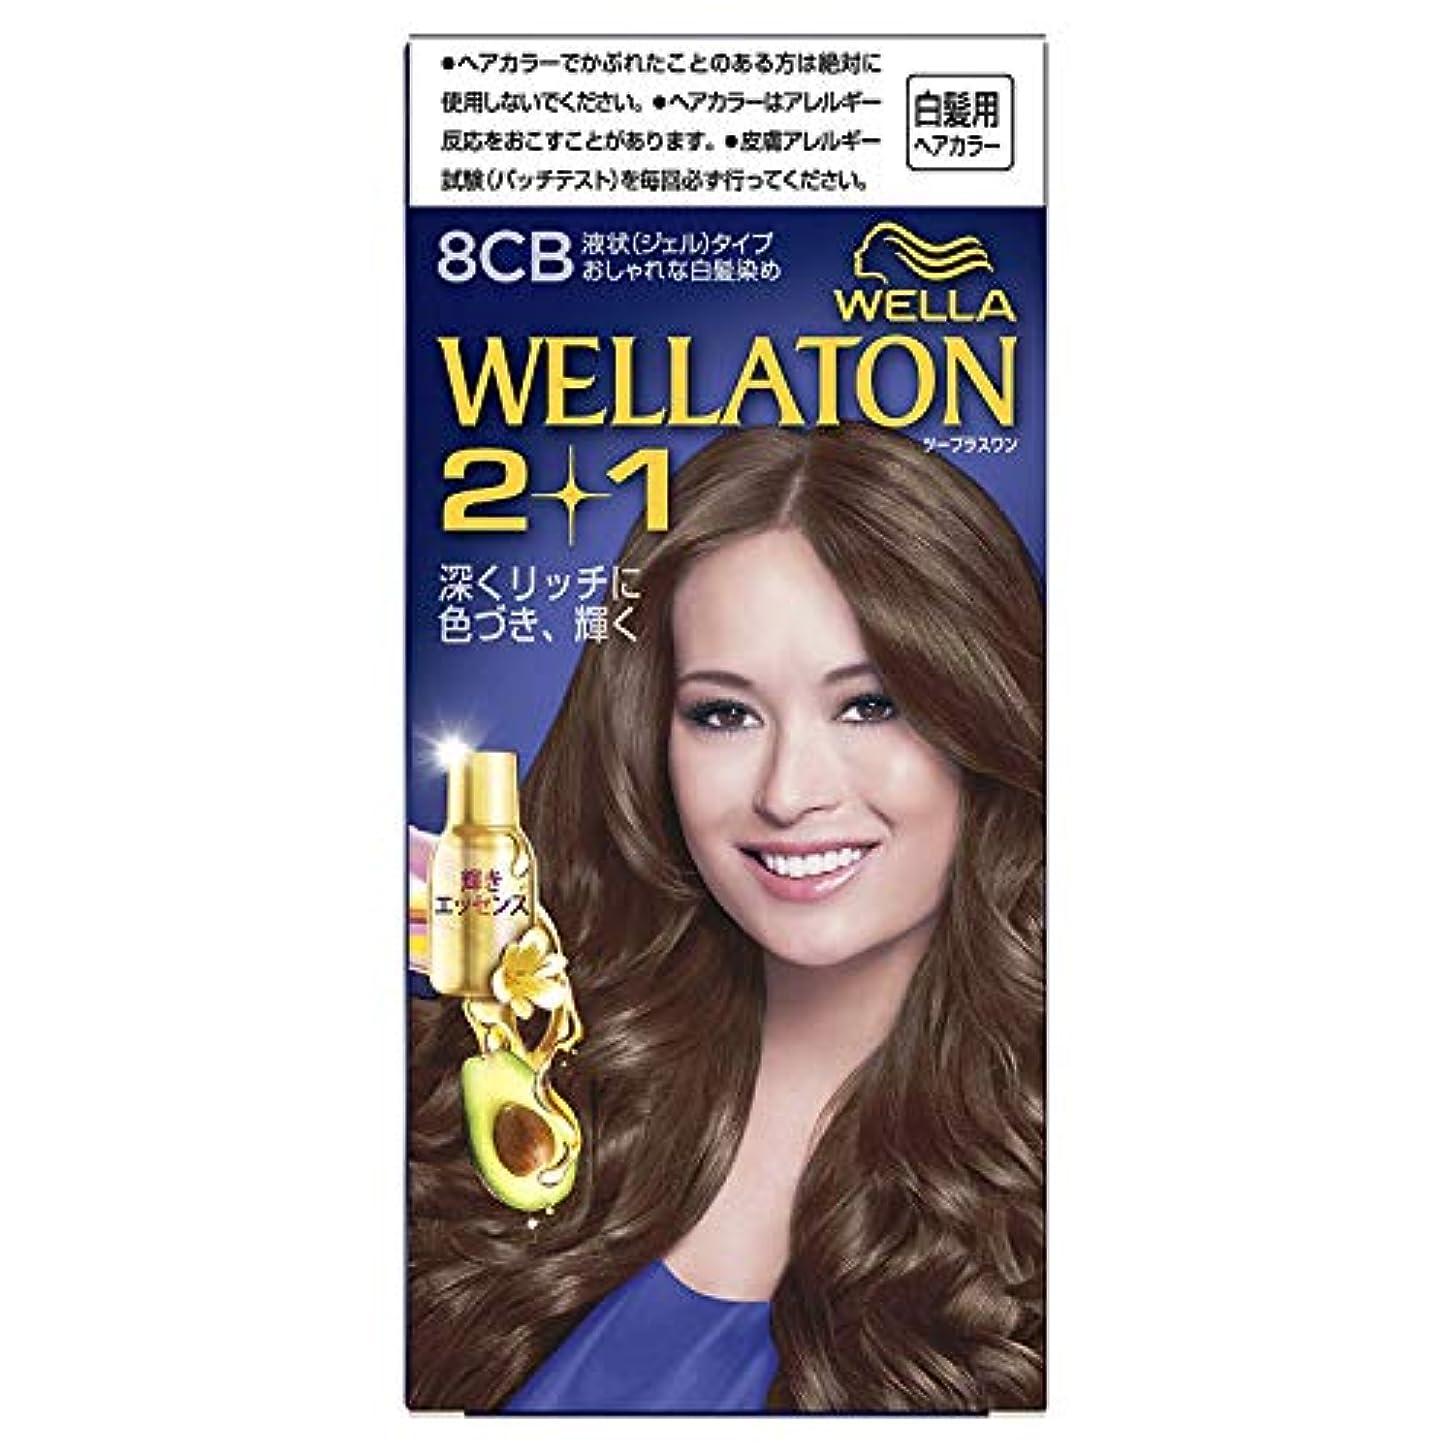 ウエラトーン2+1 白髪染め 液状タイプ 8CB [医薬部外品] ×6個